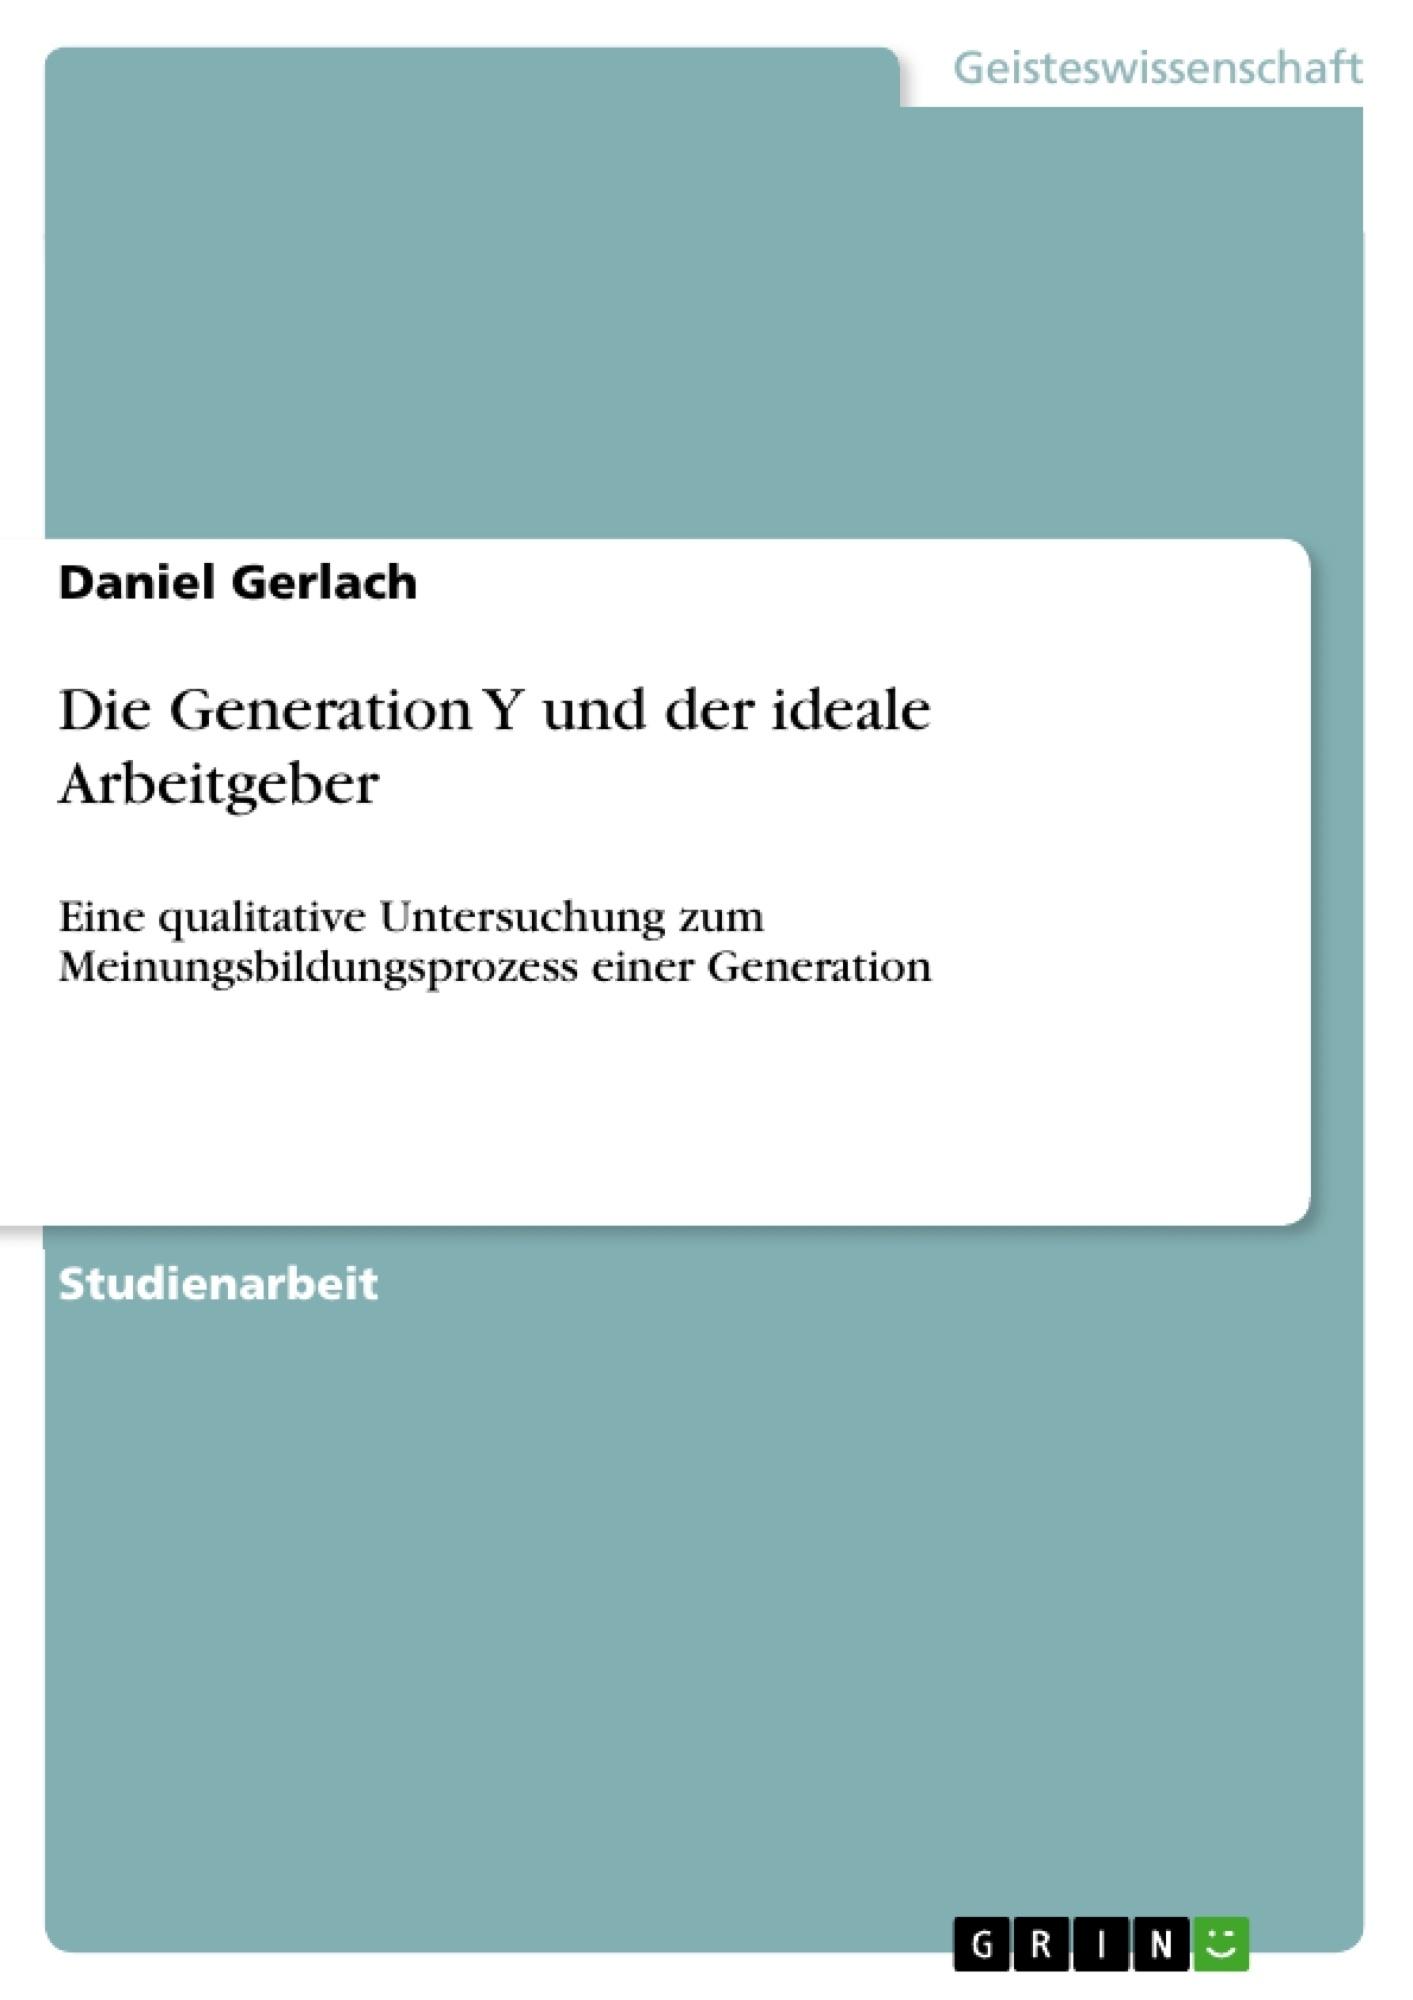 Titel: Die Generation Y und der ideale Arbeitgeber